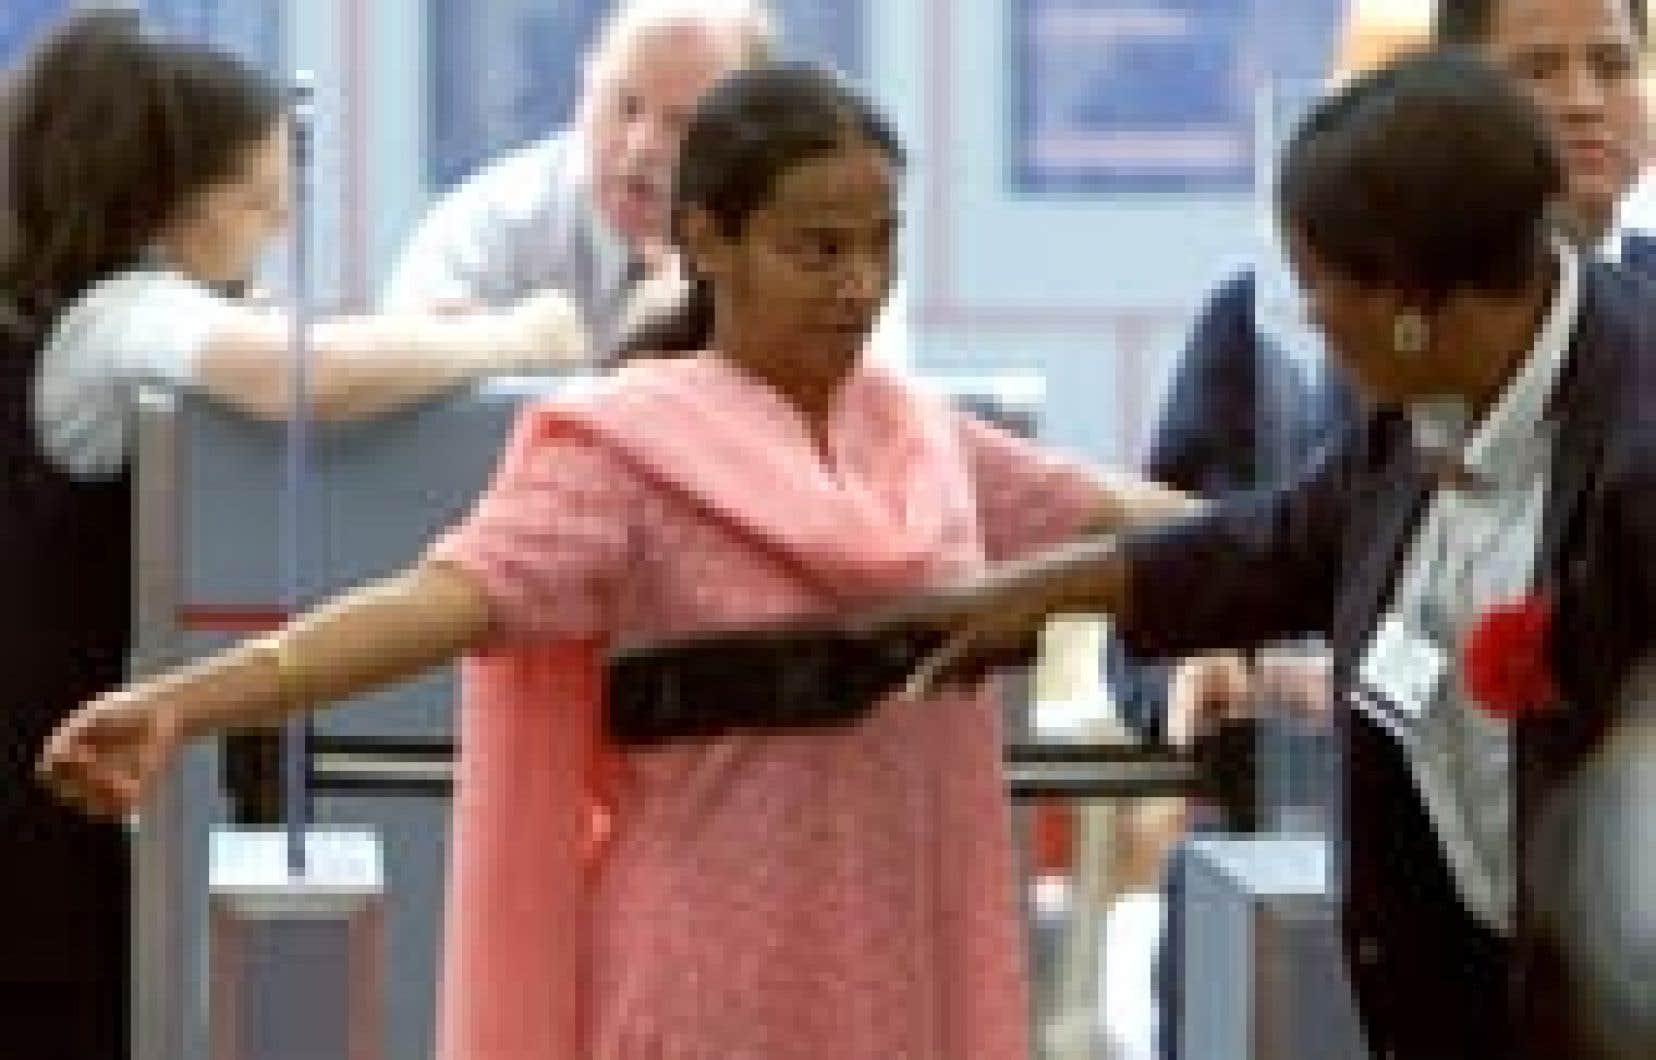 Les mesures de sécurité dans les aéroports ont été passablement augmentées dans la foulée des attentats du 11 septembre 2001 aux États-Unis.